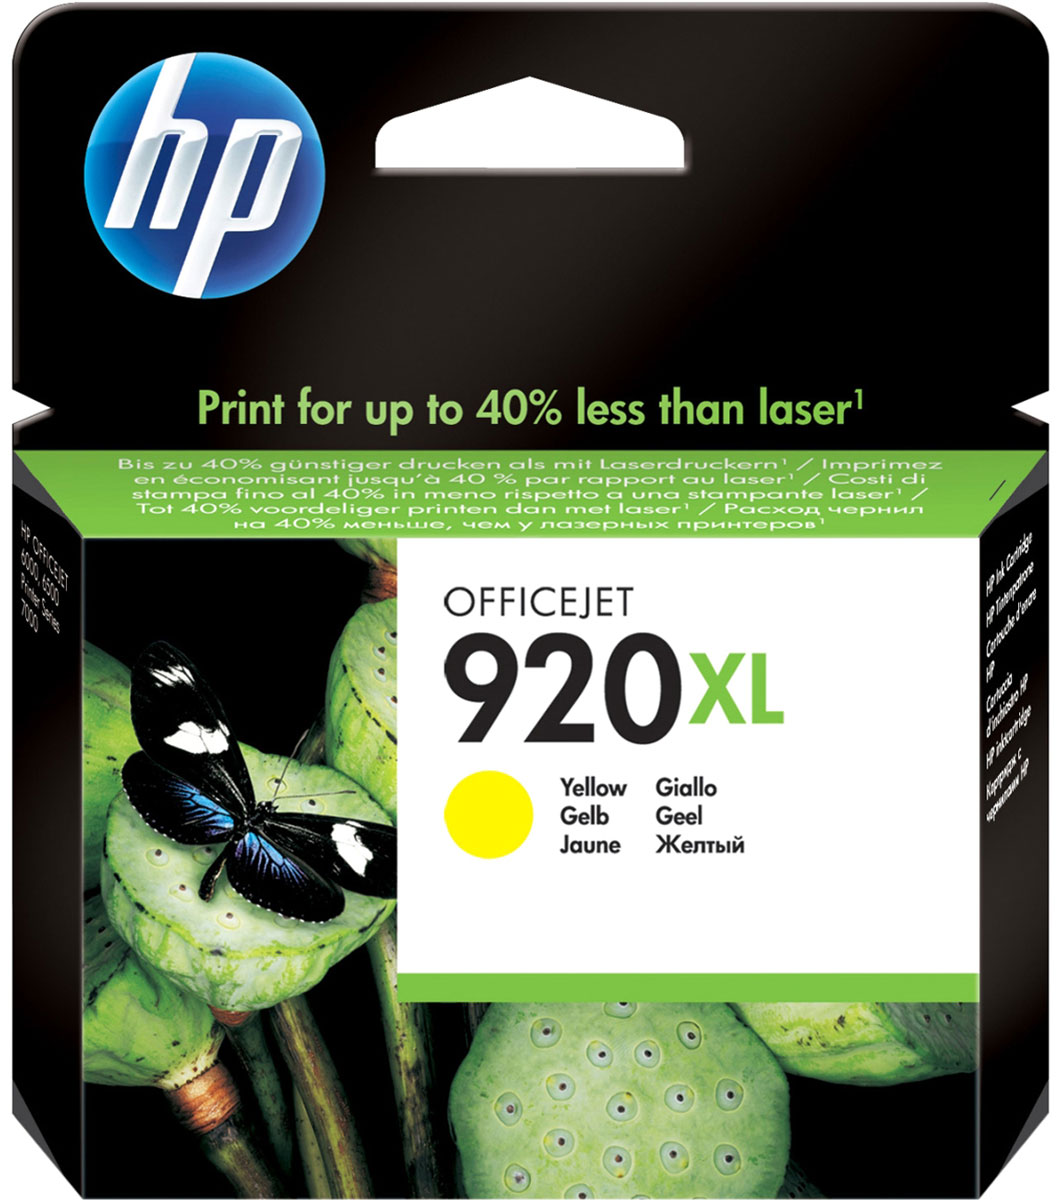 HP CD974AE (№ 920XL), Yellow картридж для OJ 6000/6500/7000CD974AEЖелтые картриджи HP 920XL с оригинальными чернилами HP гарантируют печать цветных документов профессионального качества с меньшими затратами по сравнению с лазерными устройствами. Оригинальные чернила HP обеспечивают быстрое высыхание документов, особенно при использовании бумаги с логотипом ColorLok.Оригинальные чернила HP позволяют печатать цветные документы профессионального качества почти на 40 % дешевле, чем при использовании лазерных устройств. Раздельные картриджи обеспечивают экономичную печать.Добейтесь впечатляющего качества печати. Оригинальные чернила HP обеспечивают быстрое высыхание документов, особенно при использовании бумаги с логотипом ColorLok. Технологии HP позволяют заменять картриджи без особых усилий.Воспользуйтесь функцией оповещения о низком уровне чернил и оцените удобство приобретения расходных материалов с помощью системы HP SureSupply. Вы можете ознакомиться со списком картриджей, которые можно использовать на вашем принтере, и заказать их в Интернете.